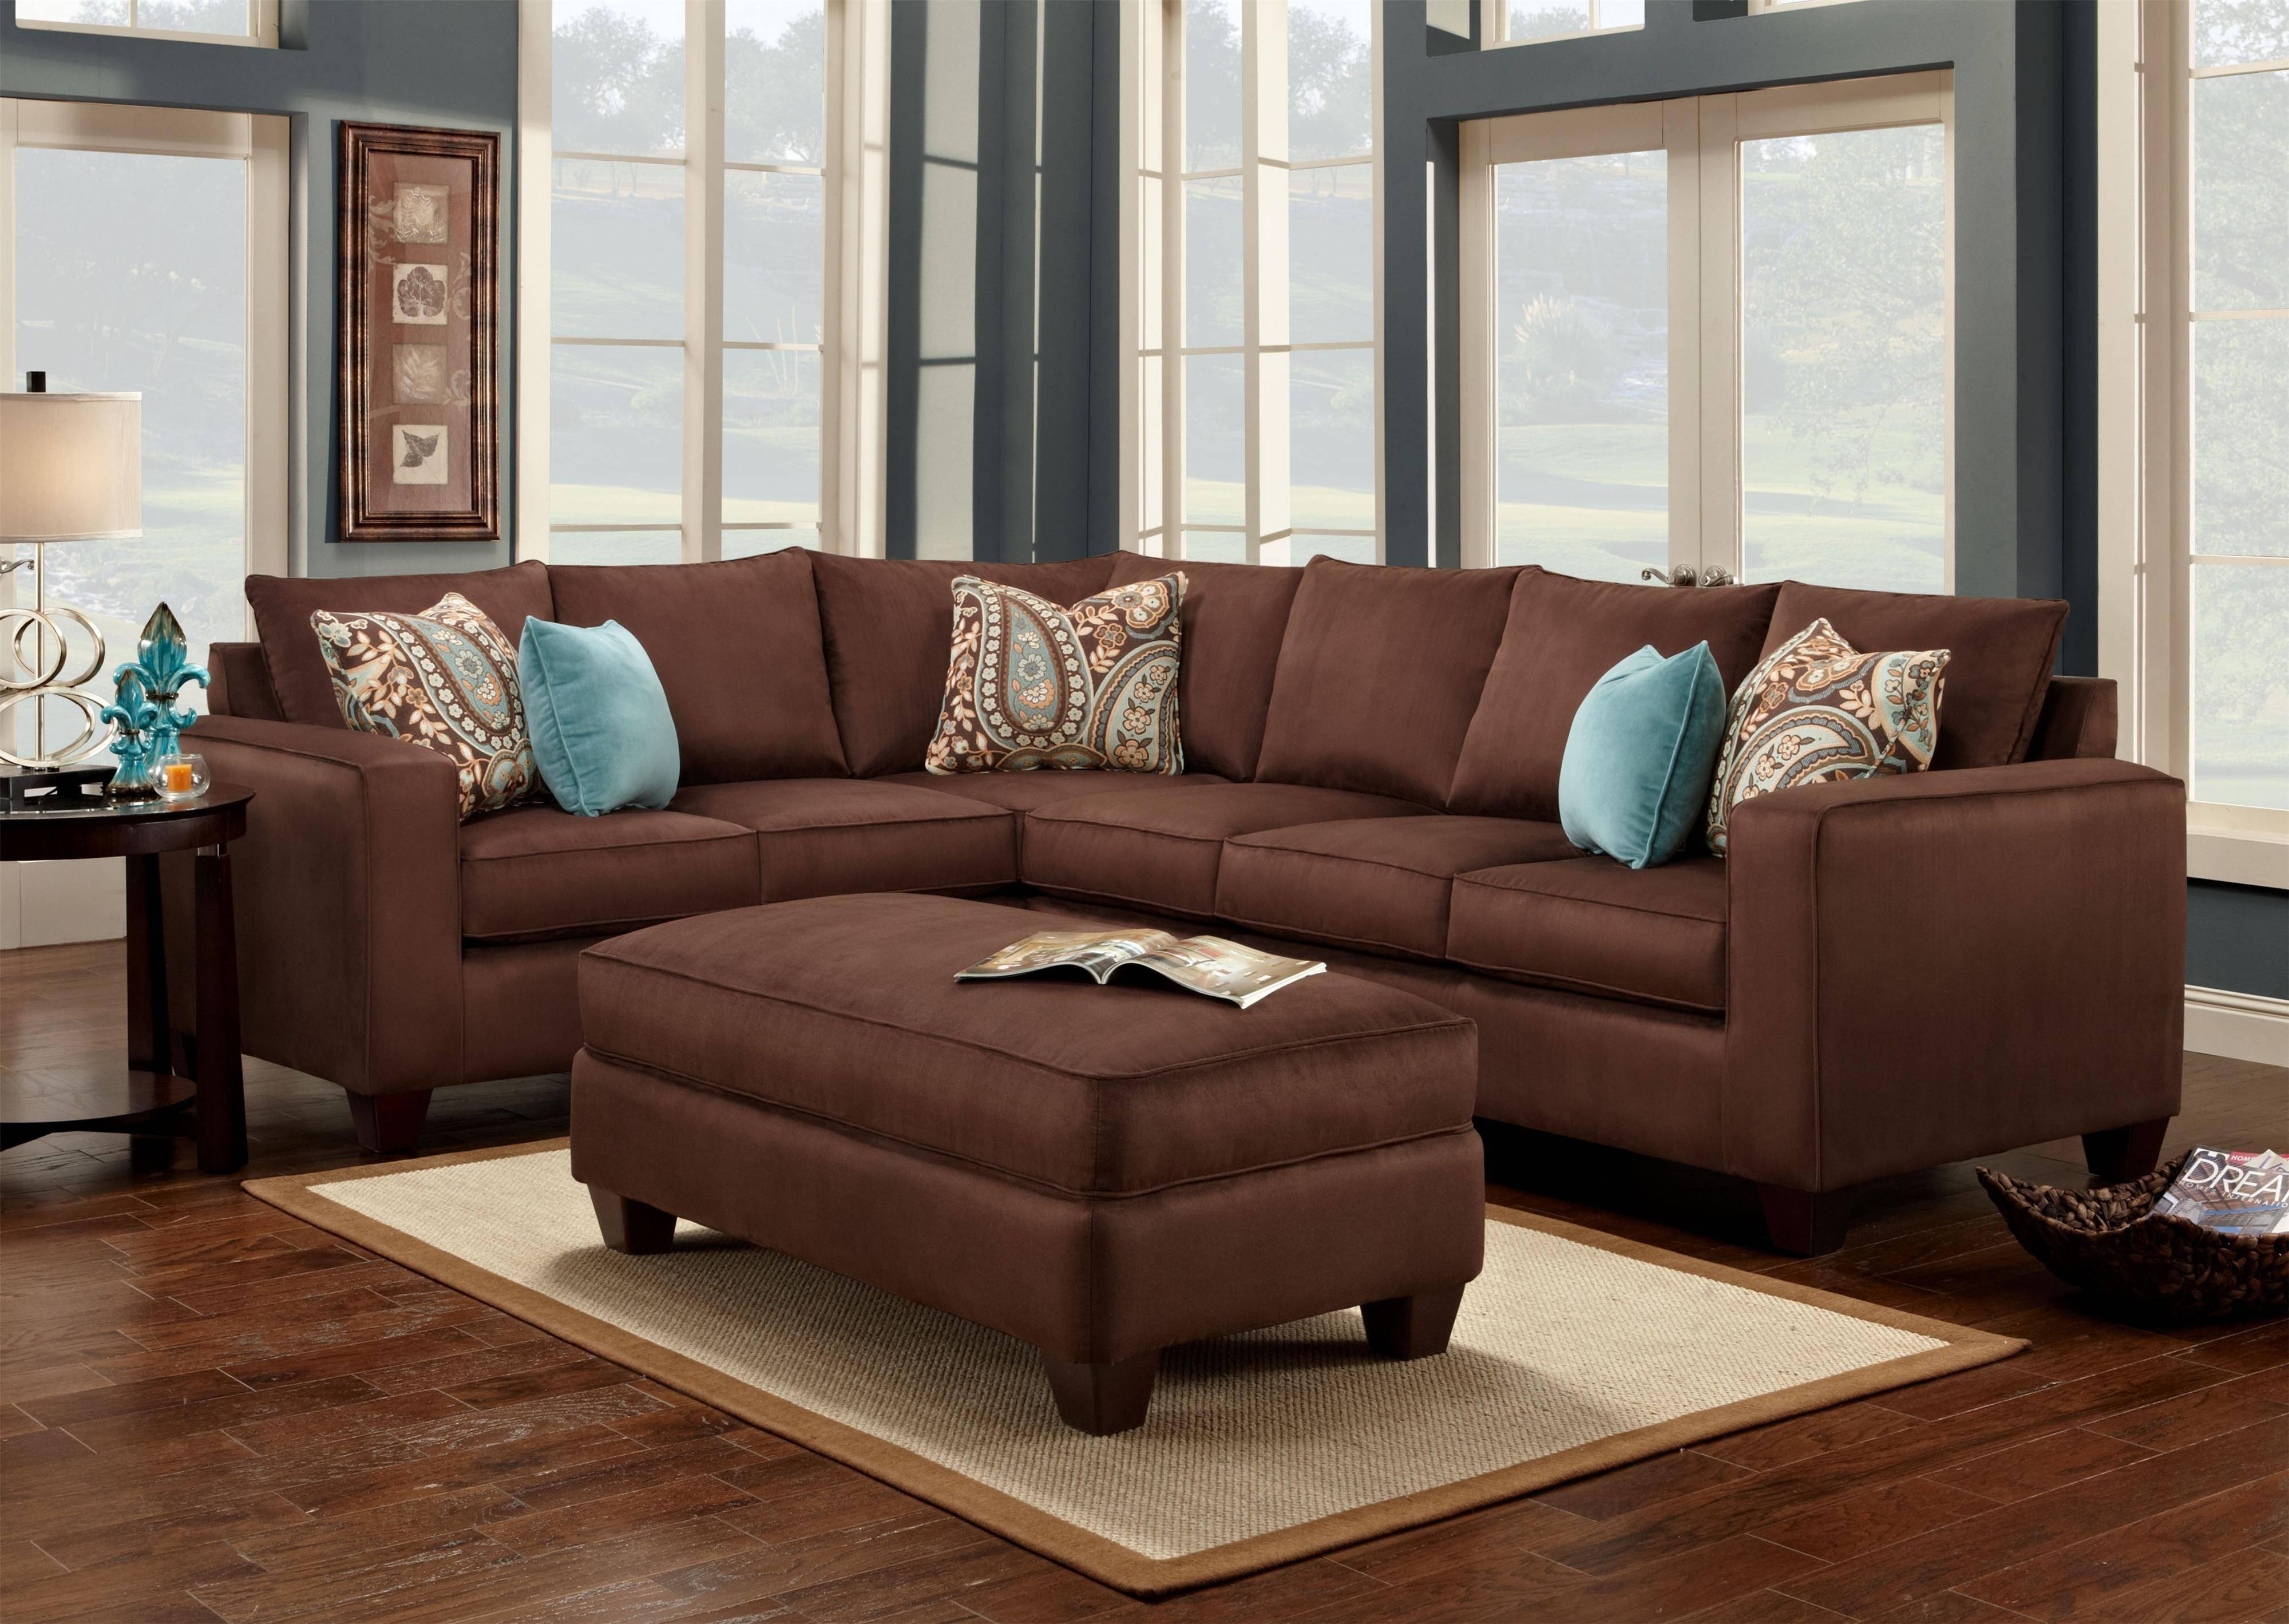 Sofas Center : Sofas Center Cream Colored Leather Sofa Sets intended for Cream Colored Sofa (Image 25 of 25)